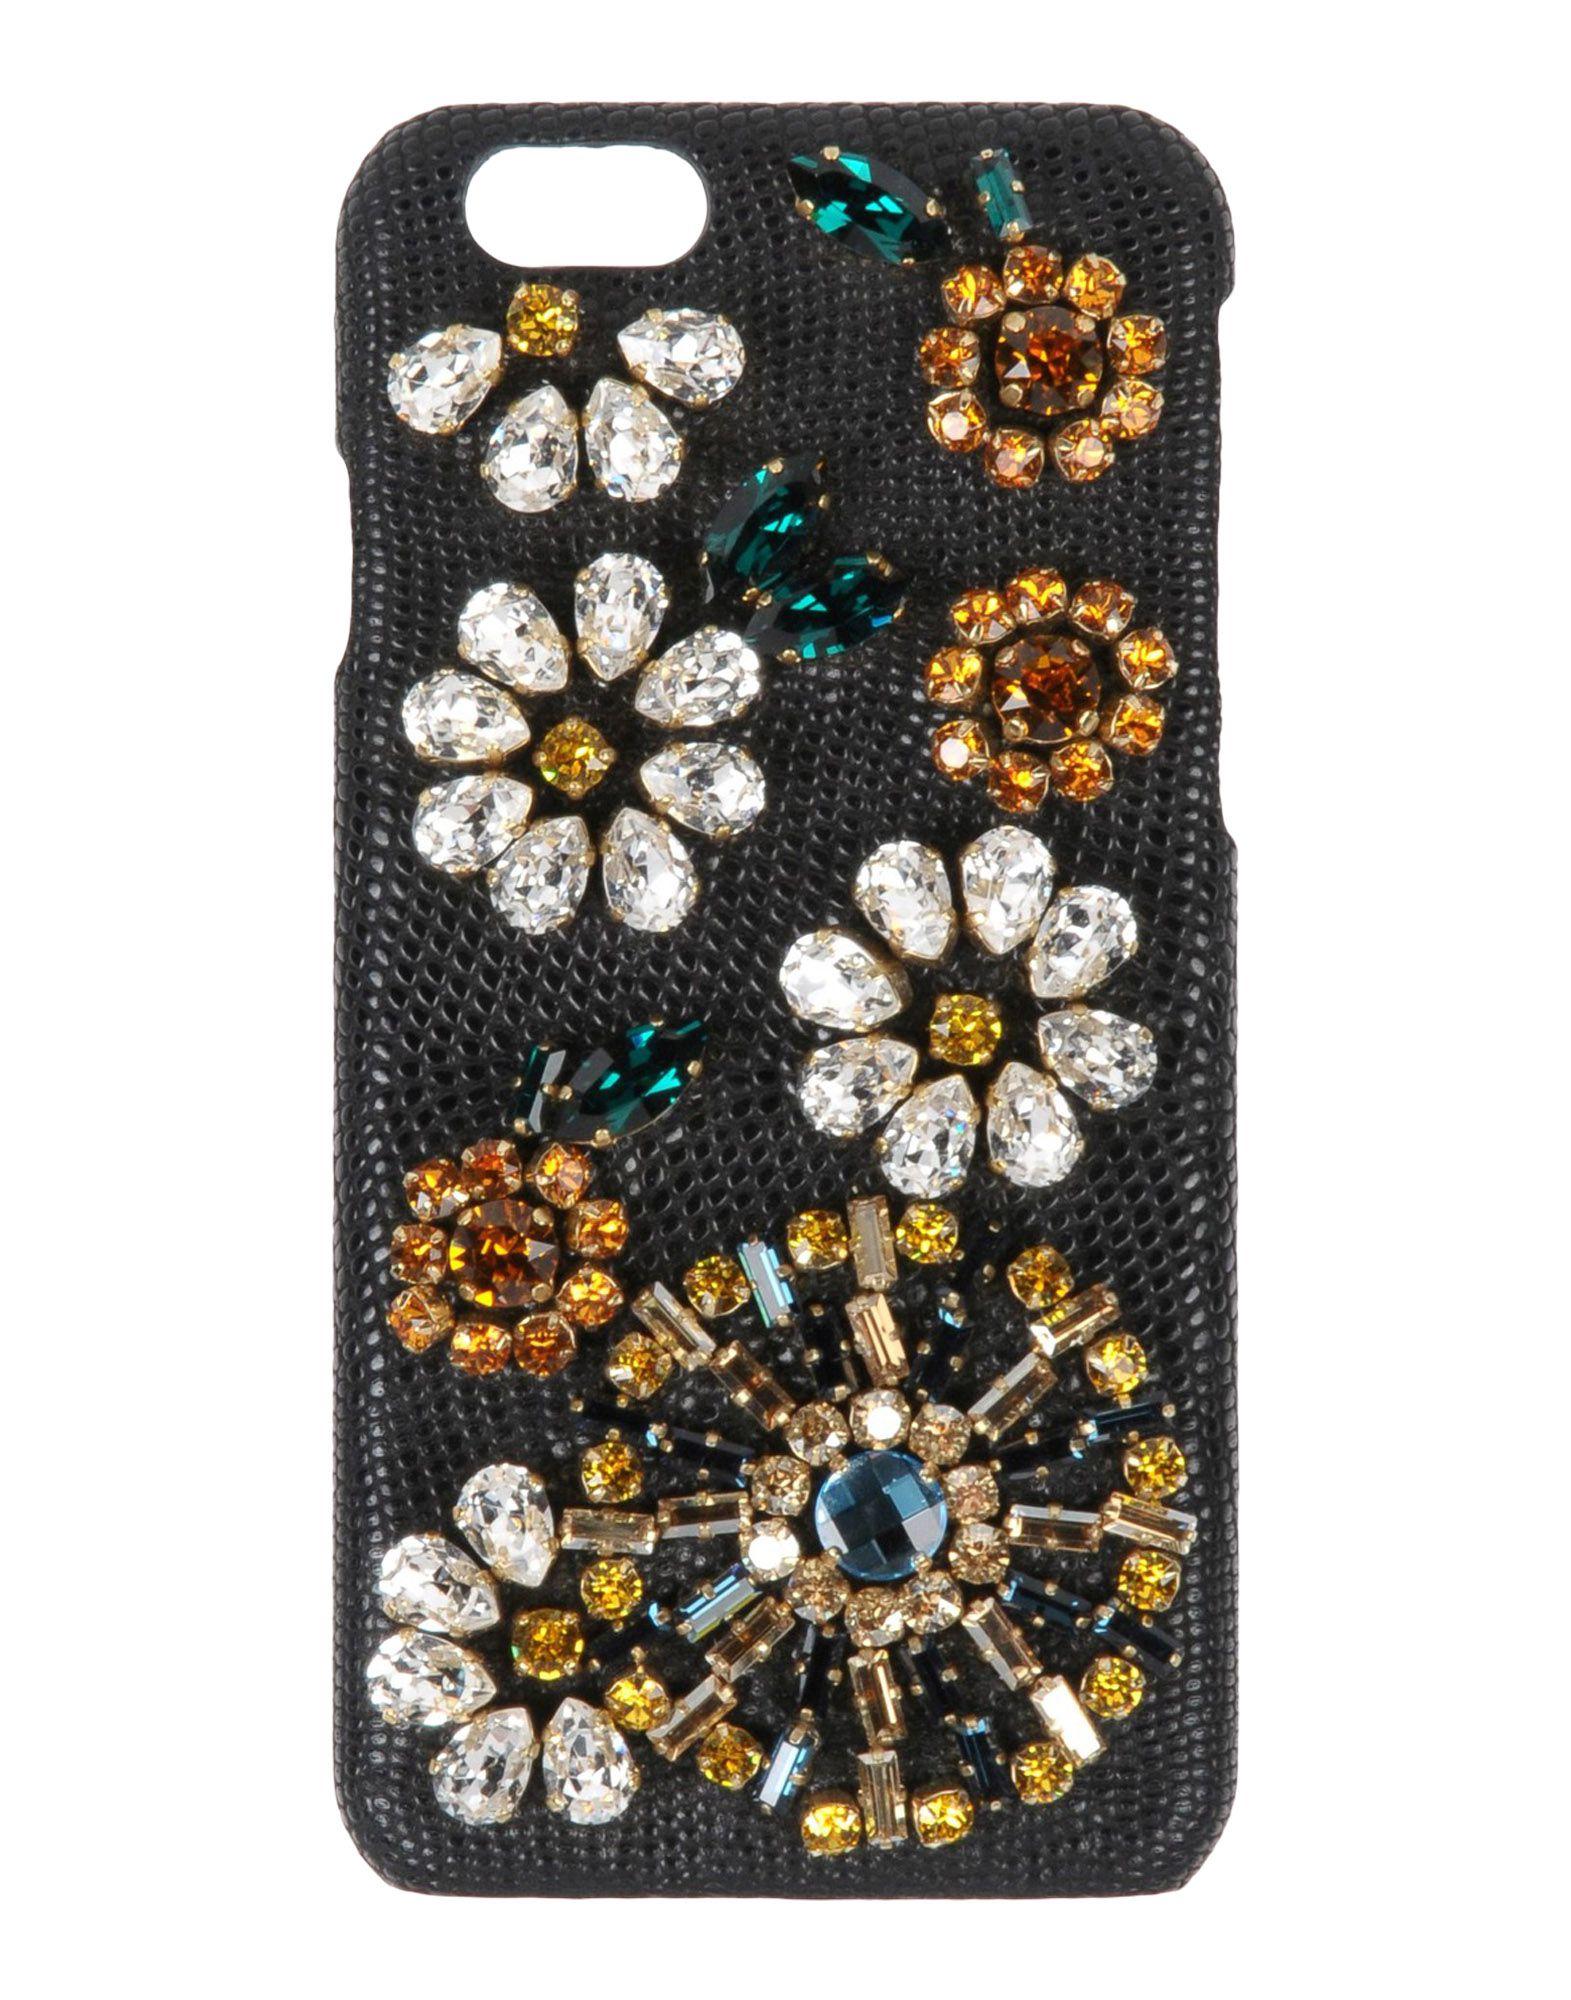 6bfe2a0200fbf Accessoire High-Tech Dolce   Gabbana Femme - Dolce   Gabbana sur YOOX -  58041384PS